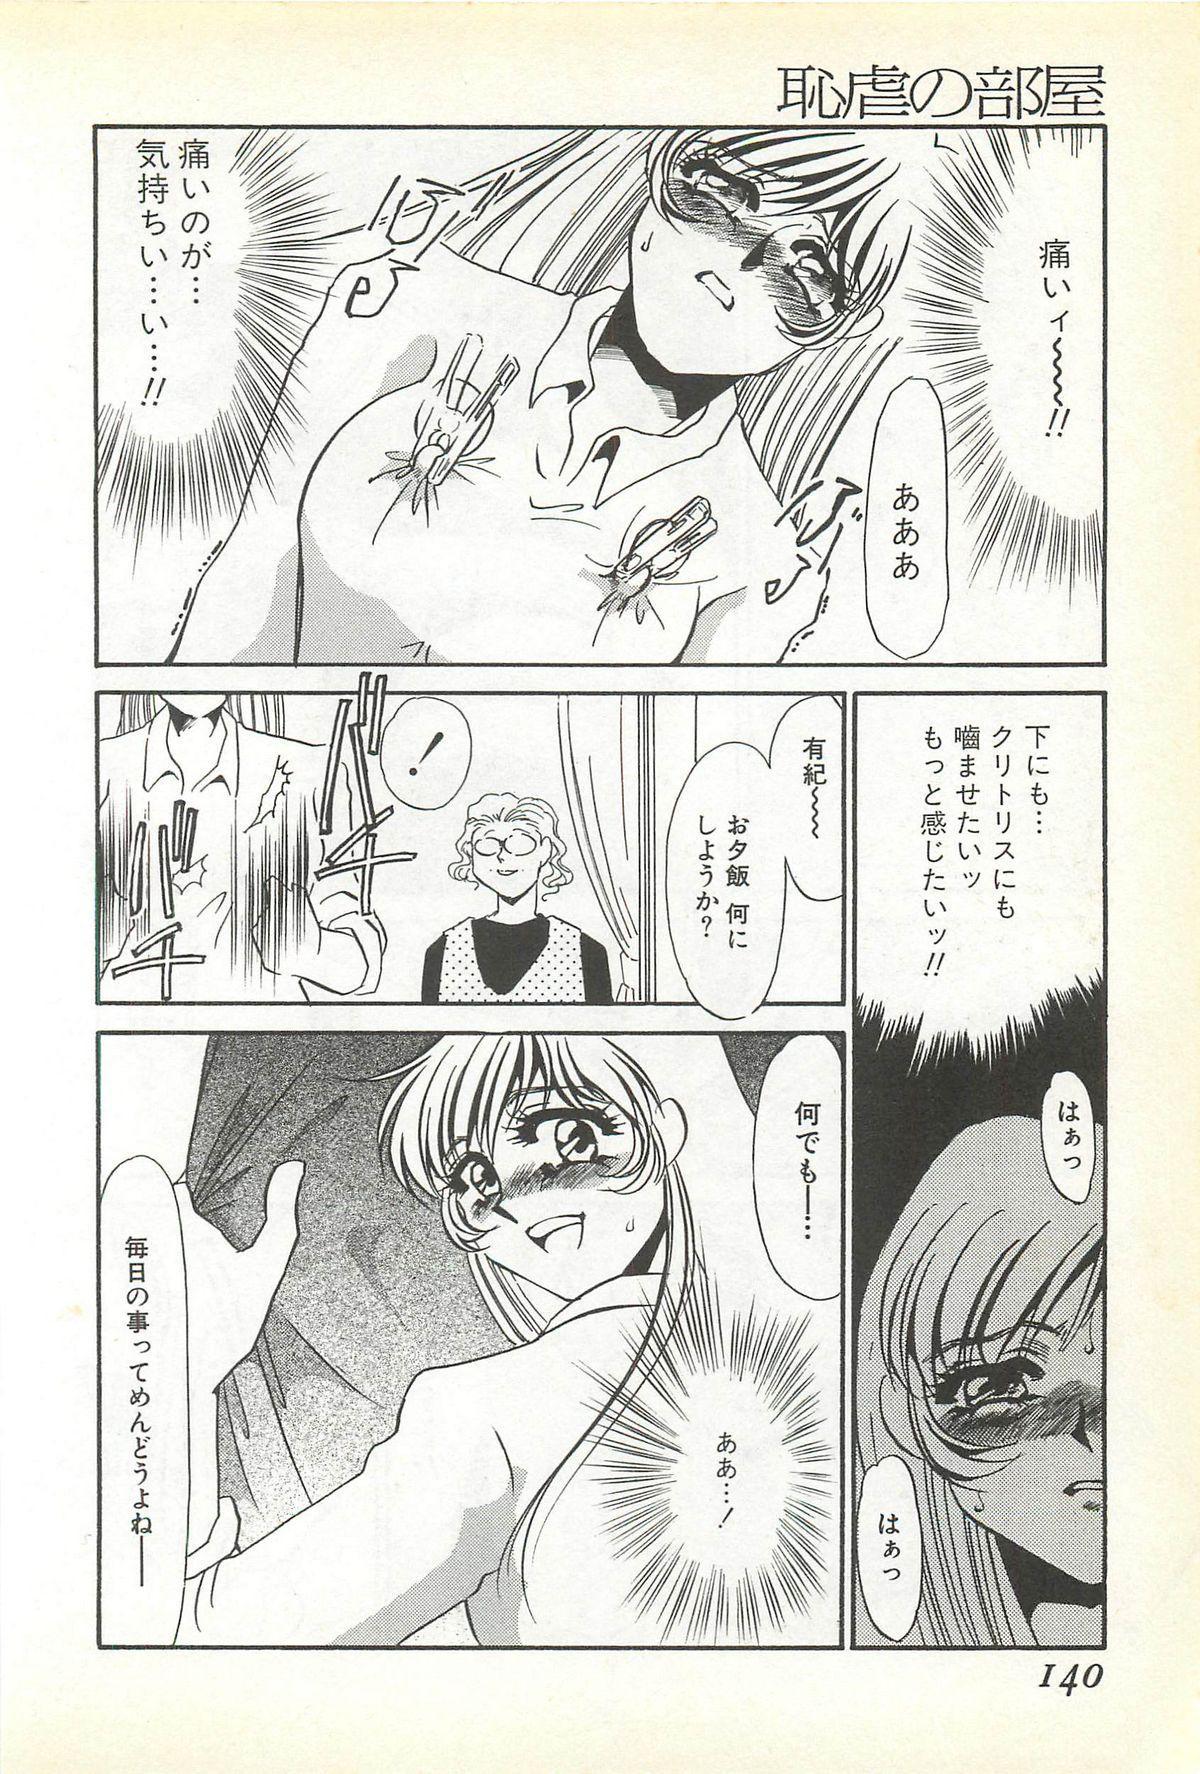 Chigyaku no Heya - A Shameful Punishment Room 135